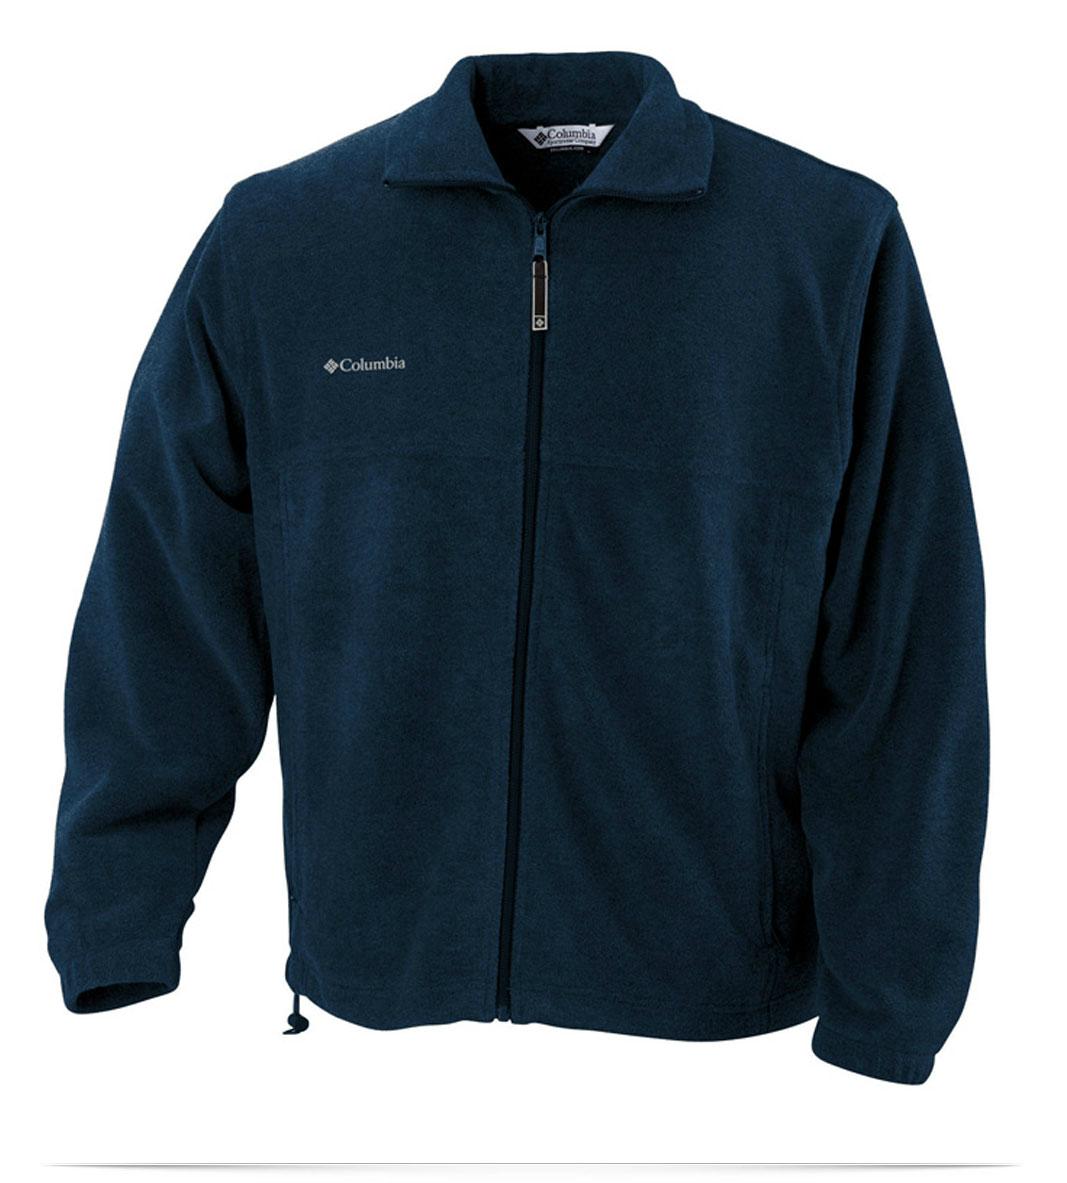 Columbia Fleece Jacket Custom Logo Embroidered